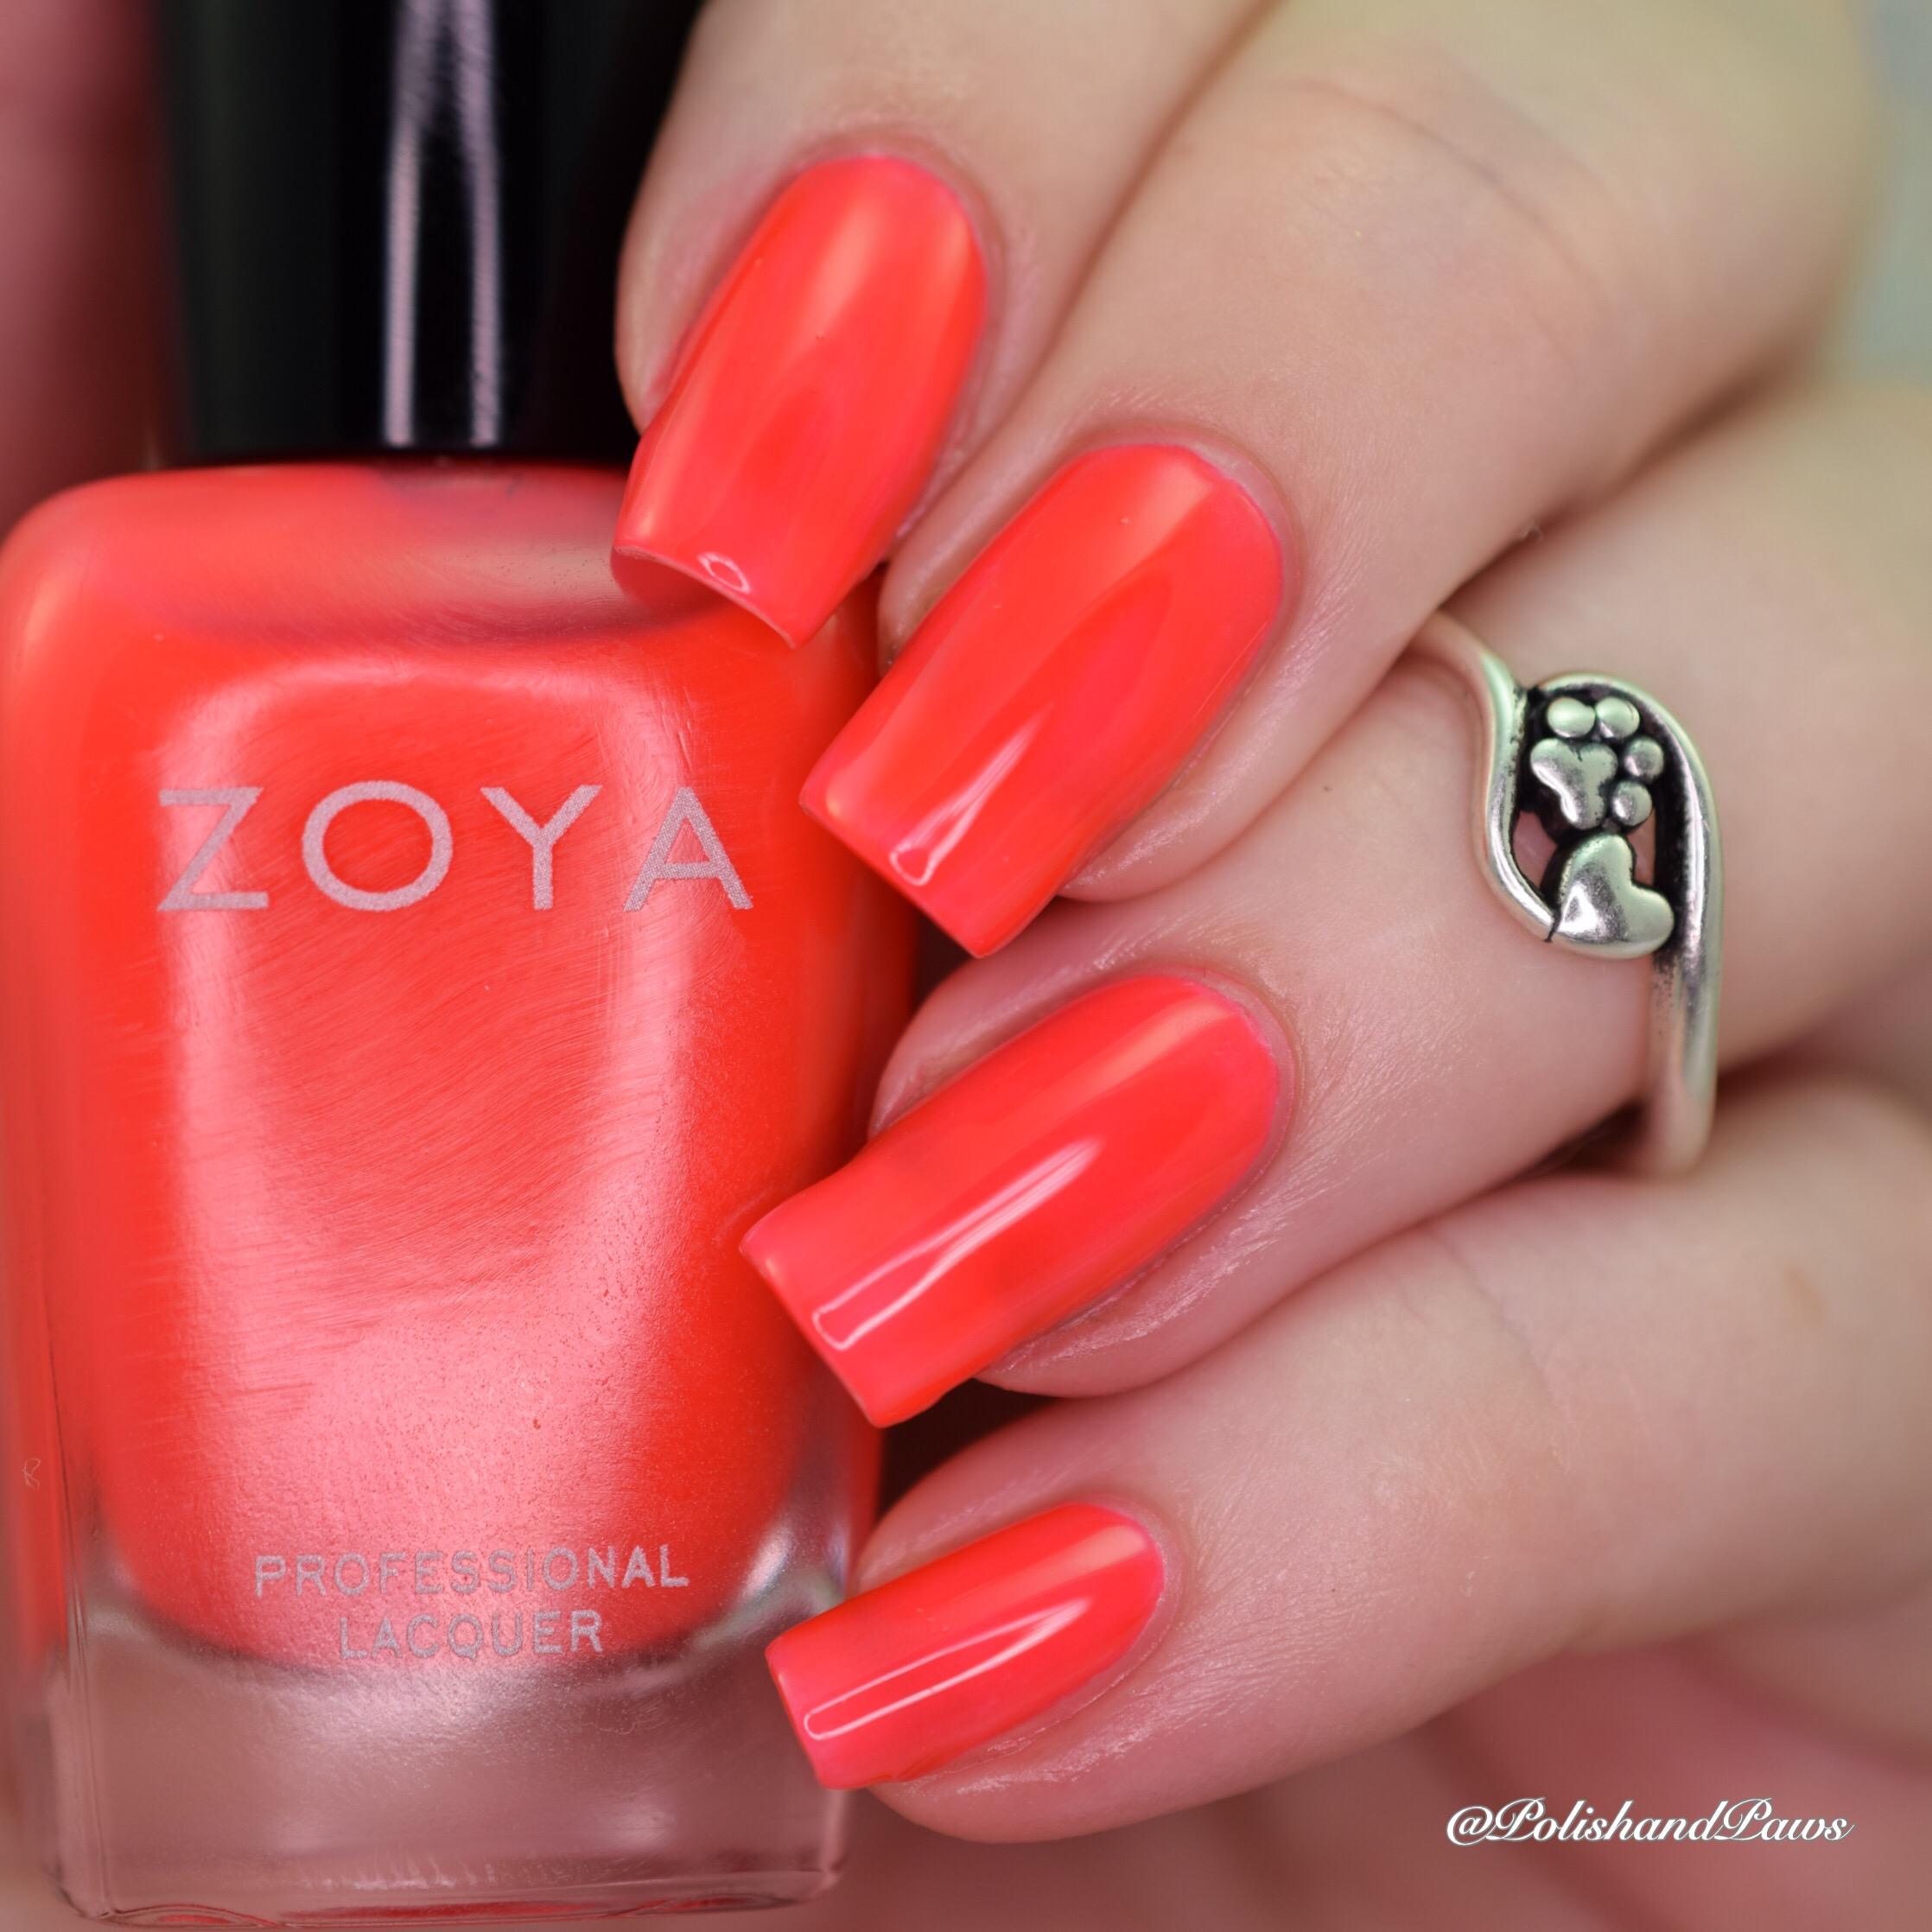 Zoya Erza UltraBrite Neons